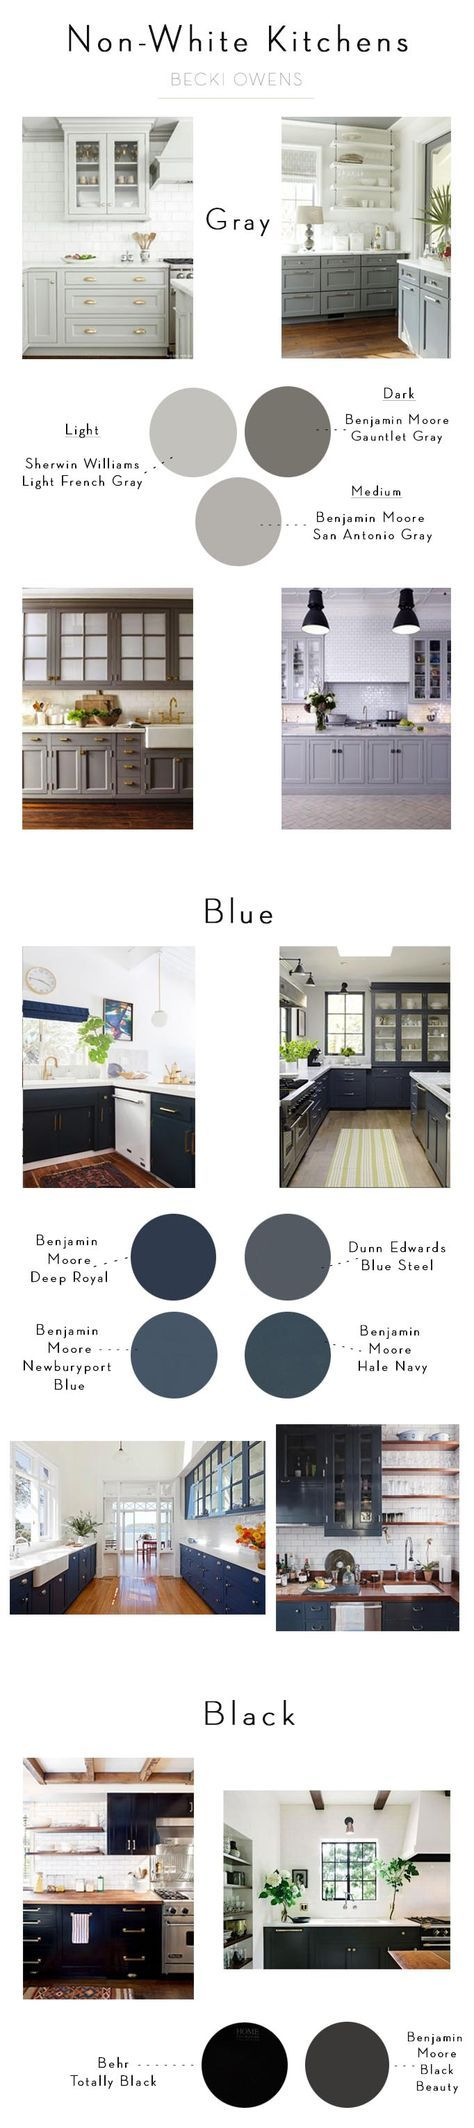 Non-White Kitchen Ideas - Becki Owens